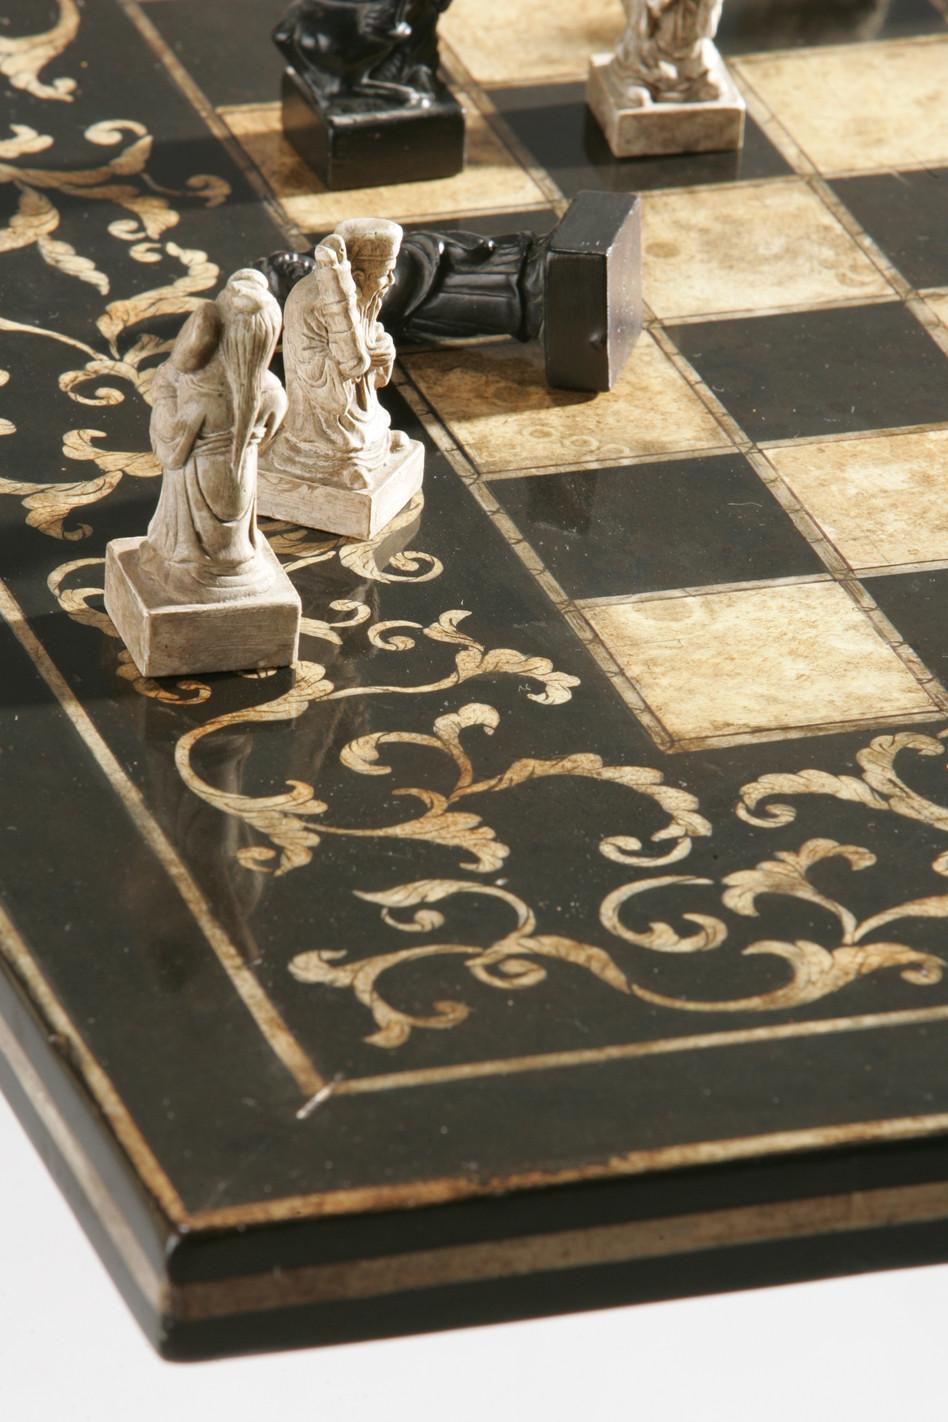 Regency Game Table Chessmen.jpg